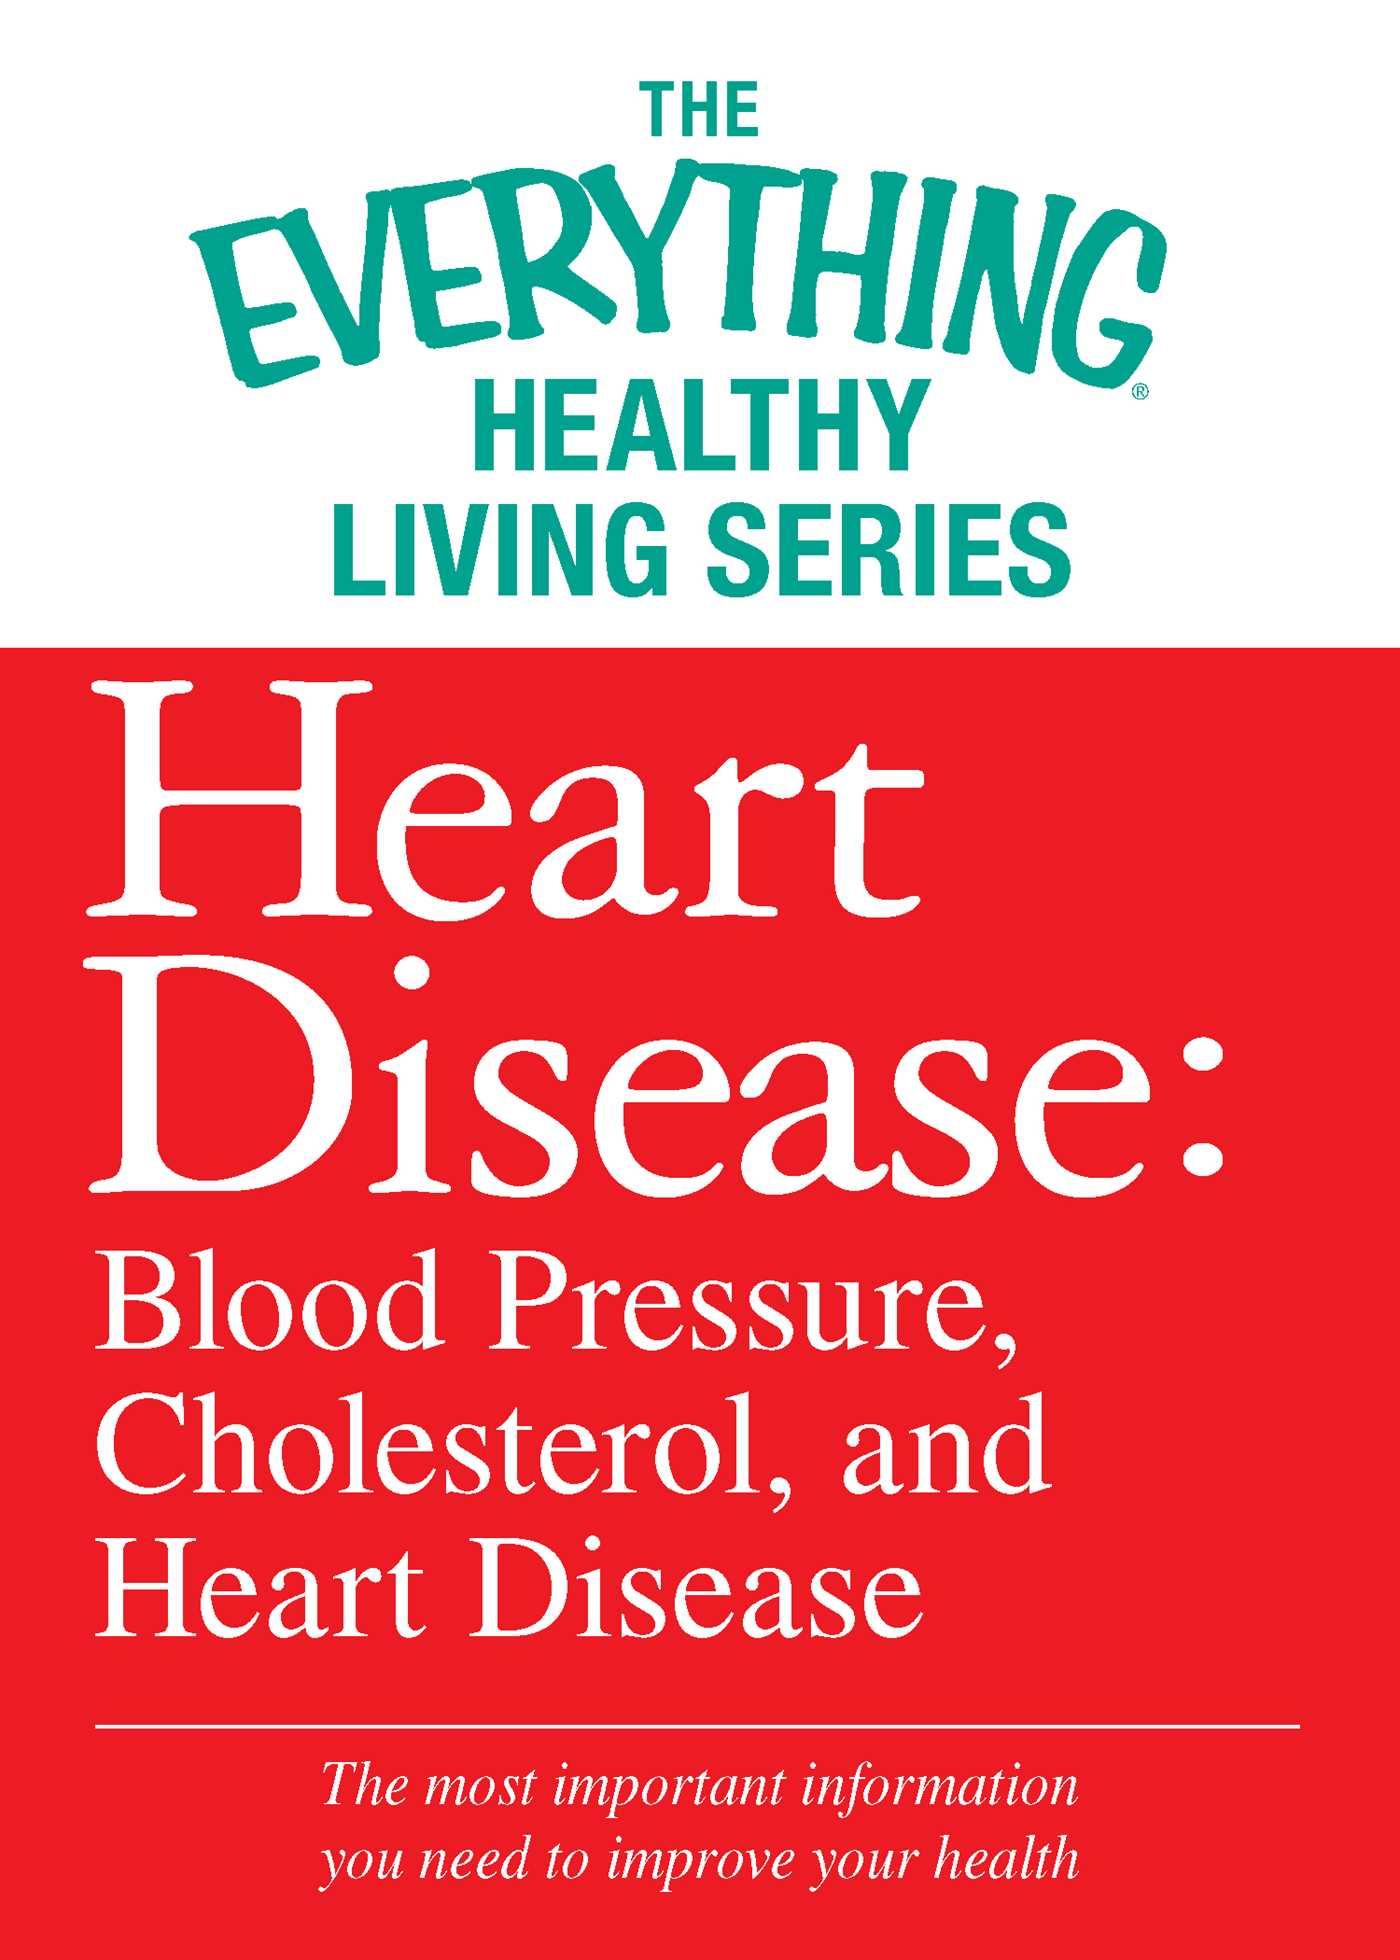 Heart disease blood pressure cholesterol and heart disease 9781440548055 hr